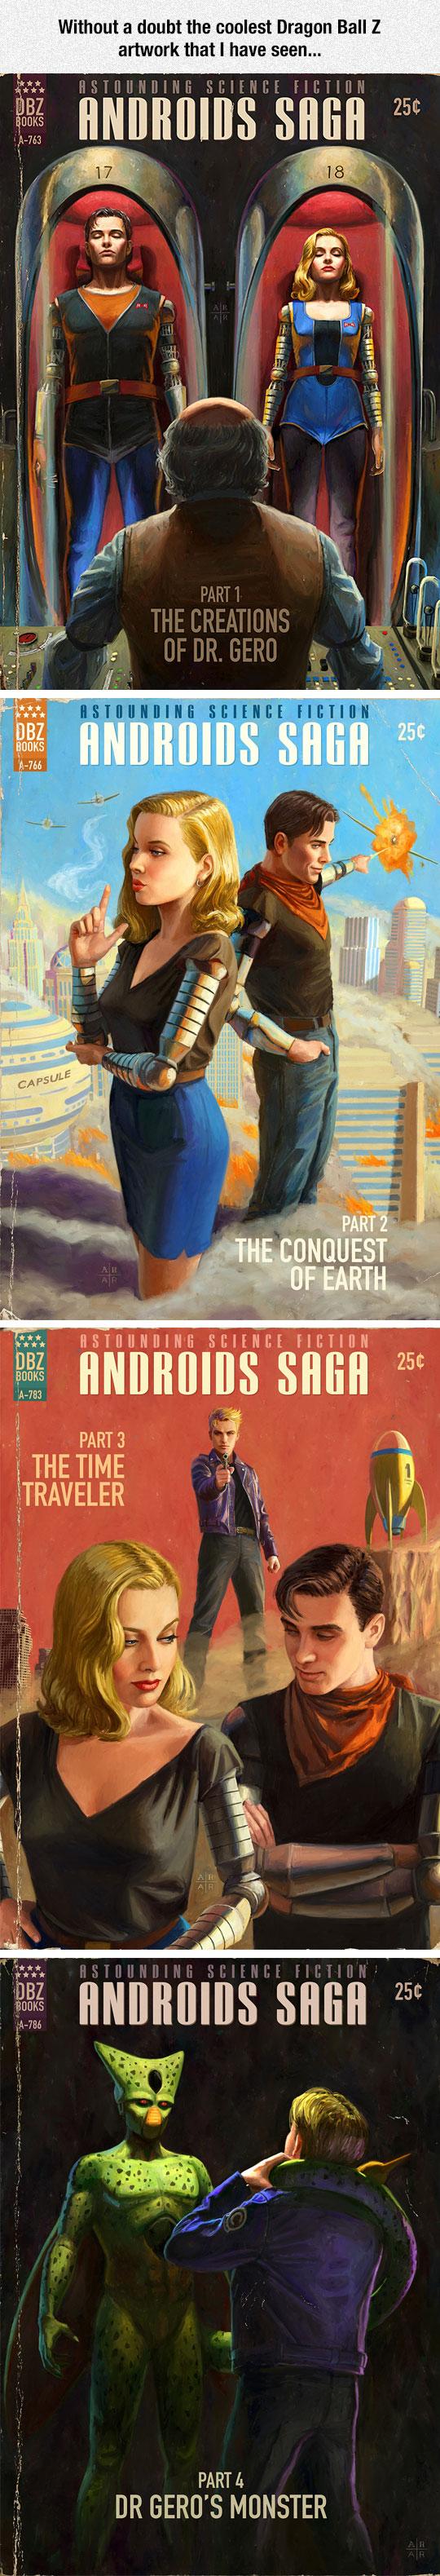 1-cool-dragon-ball-android-vintage-comic